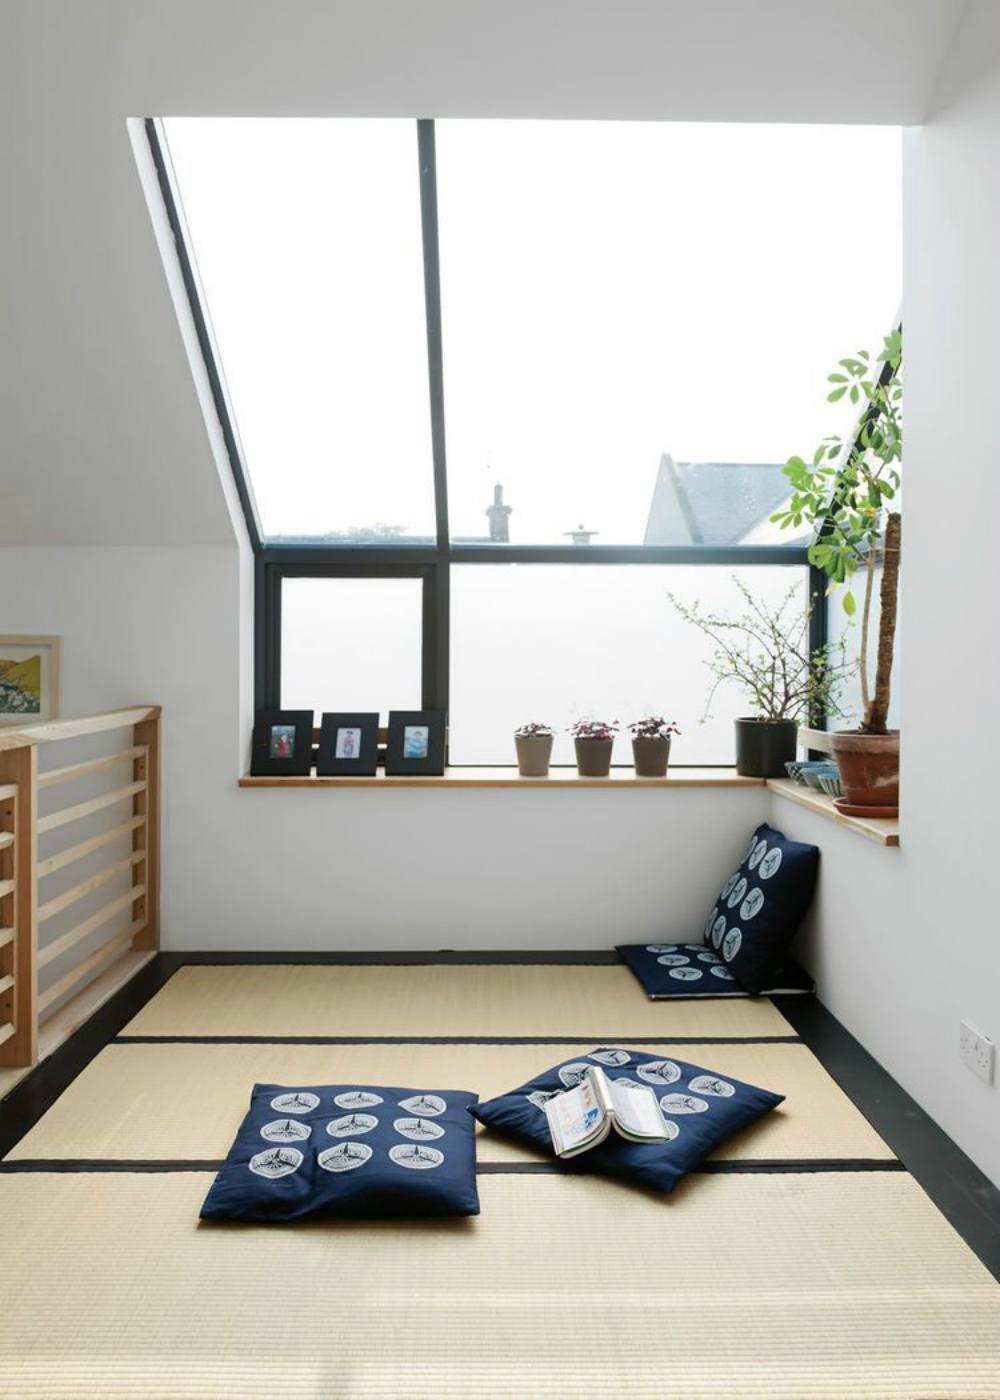 Sleep on the Floor Japanese minimalist Bedroom - K's HEALTH Tips:学日本人在地板上睡觉,其实更健康?